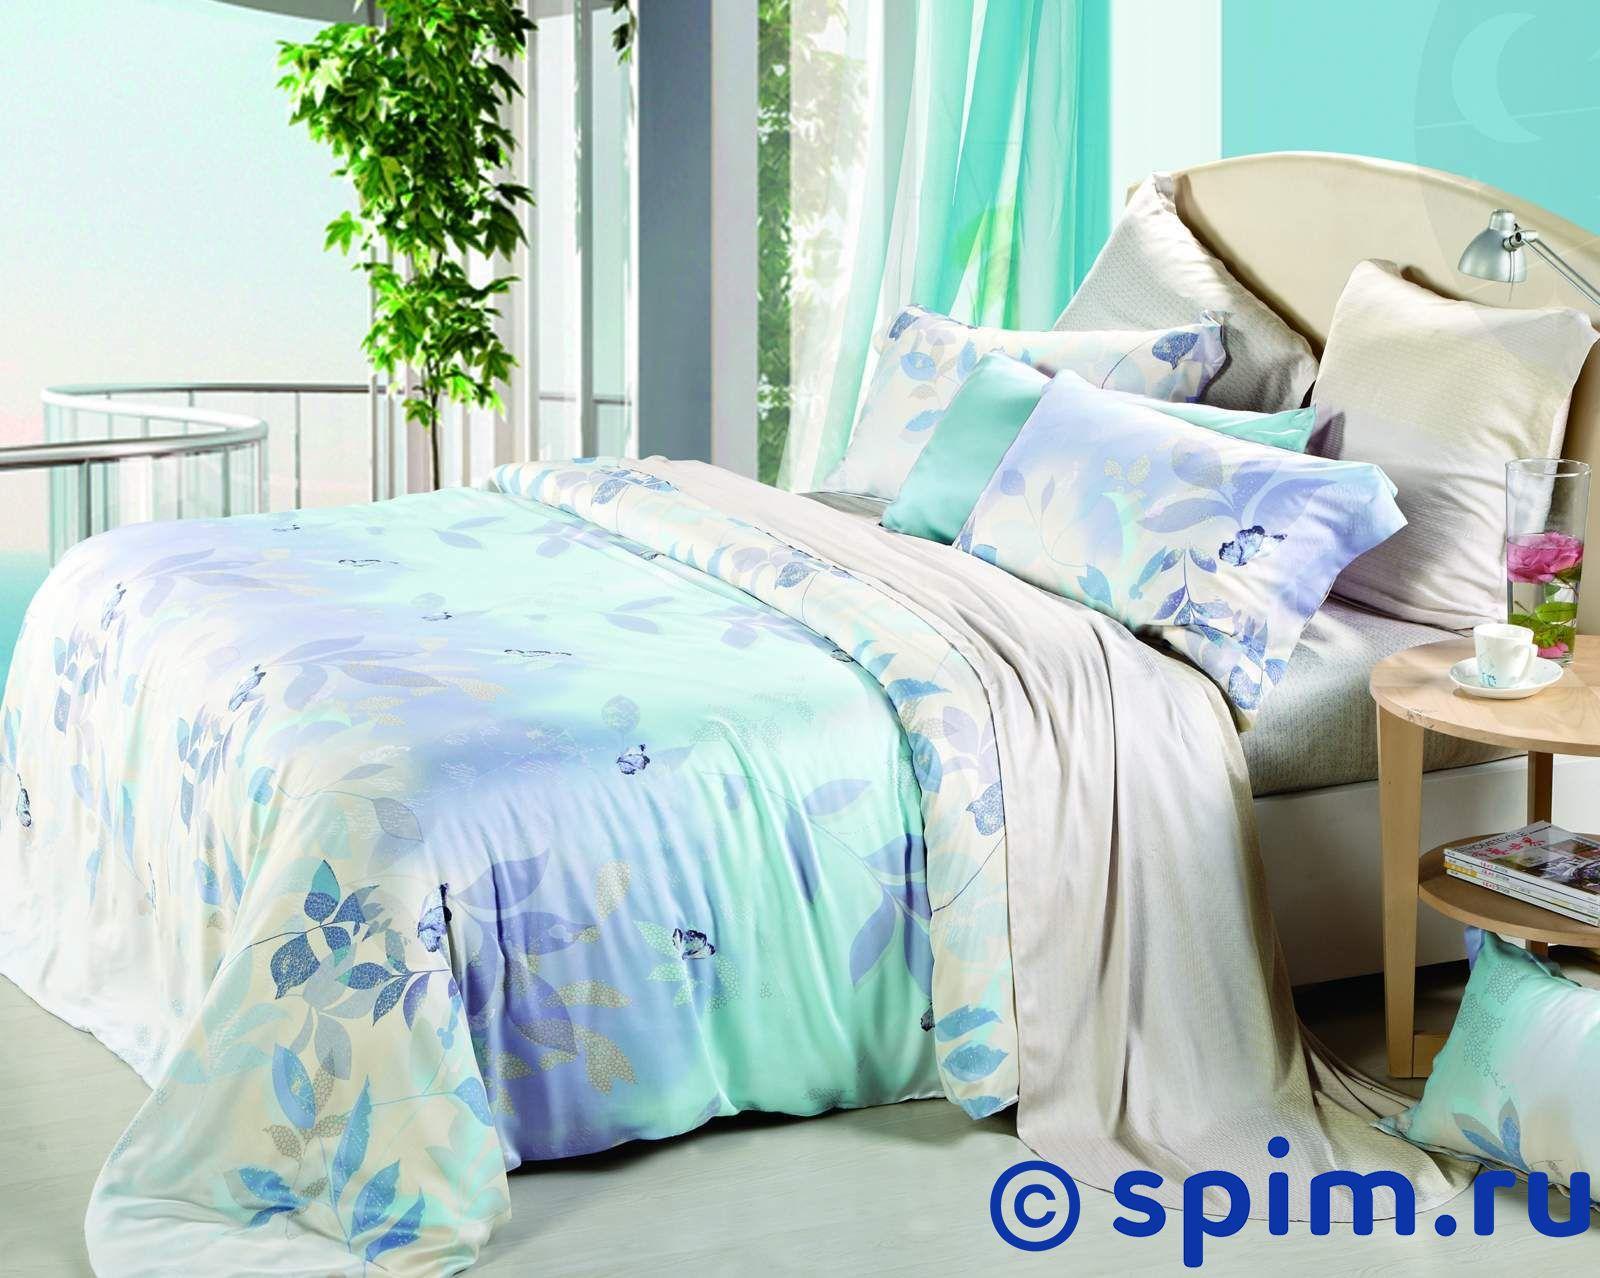 Комплект СайлиД E46 2 спальное